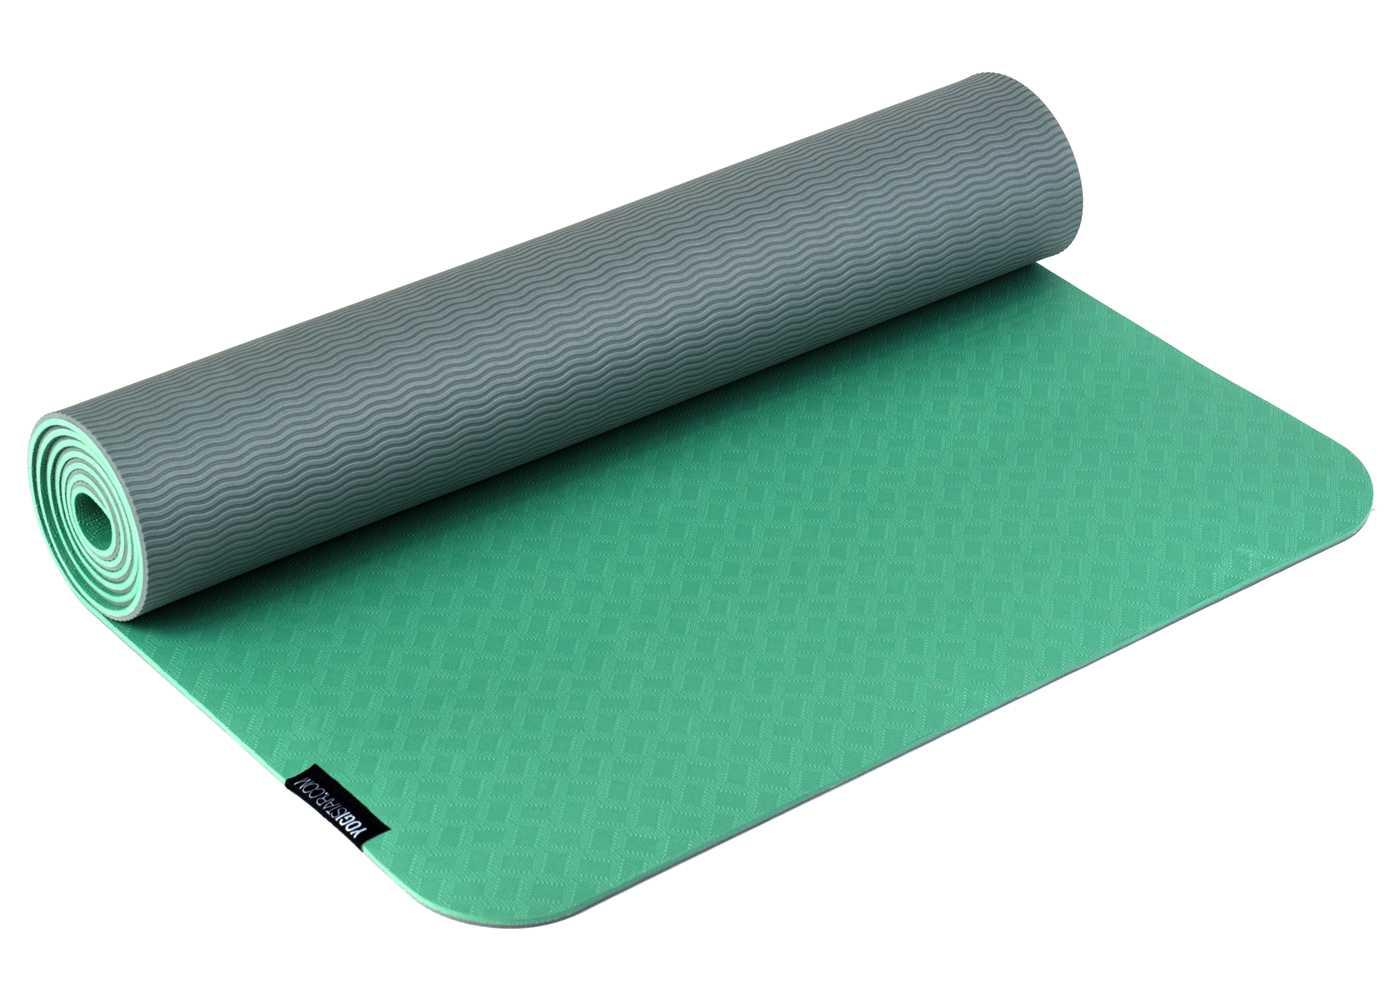 Топ-6 лучших ковриков для йоги – рейтинг 2019 года